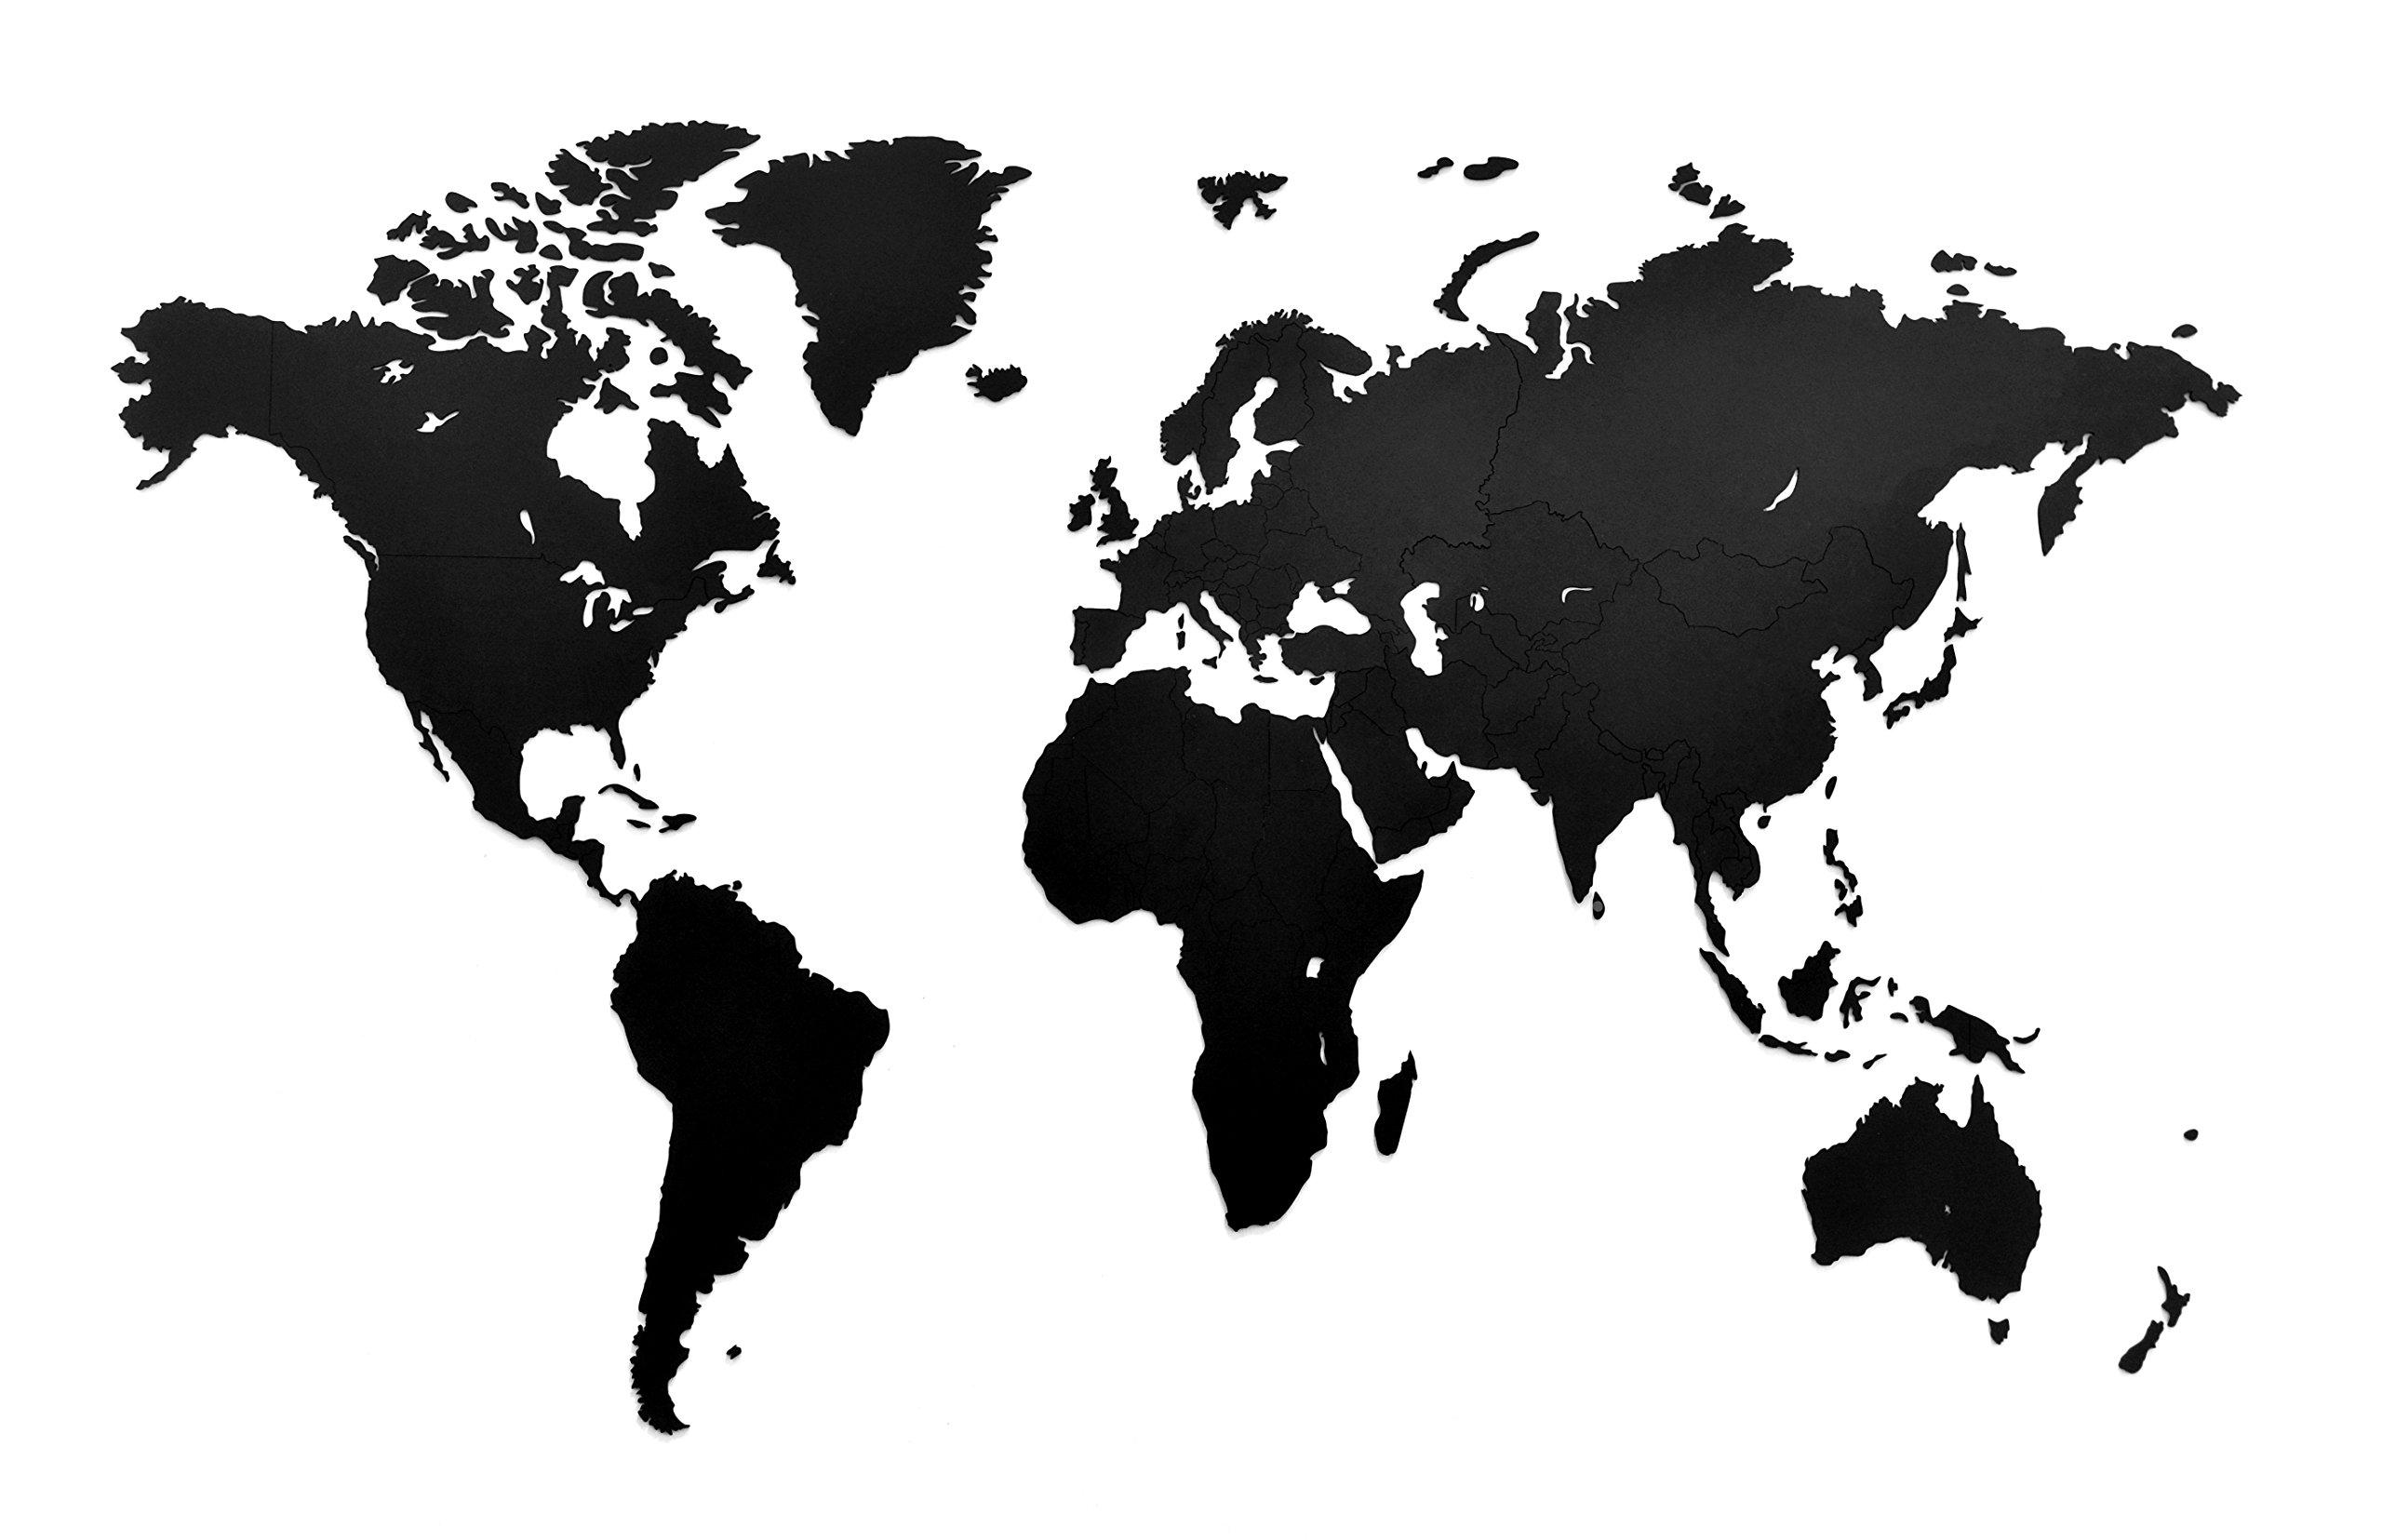 MiMi Innovations - Decoración de pared de mapa del mundo de madera de lujo 130 x 78 cm - Negro: Amazon.es: Hogar